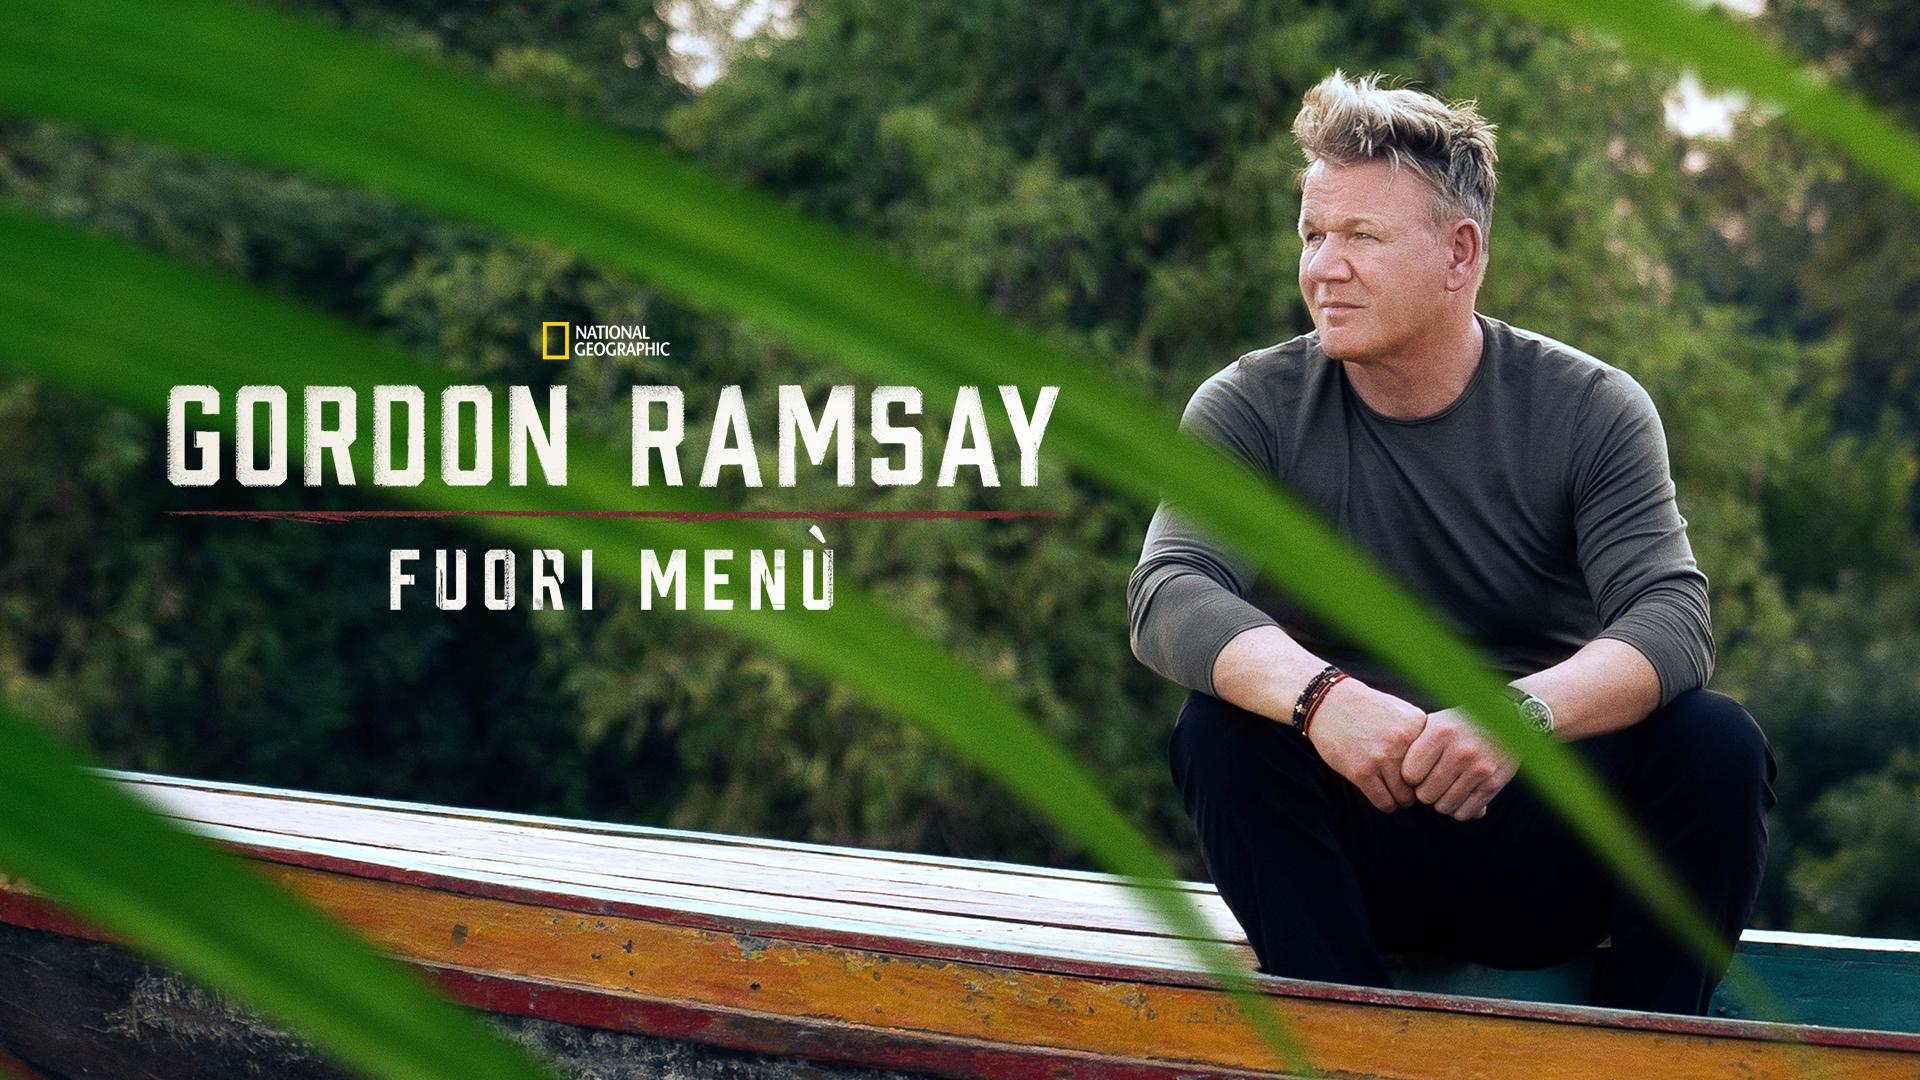 Guarda episodi completi di Gordon Ramsay: Fuori Menù | Disney+